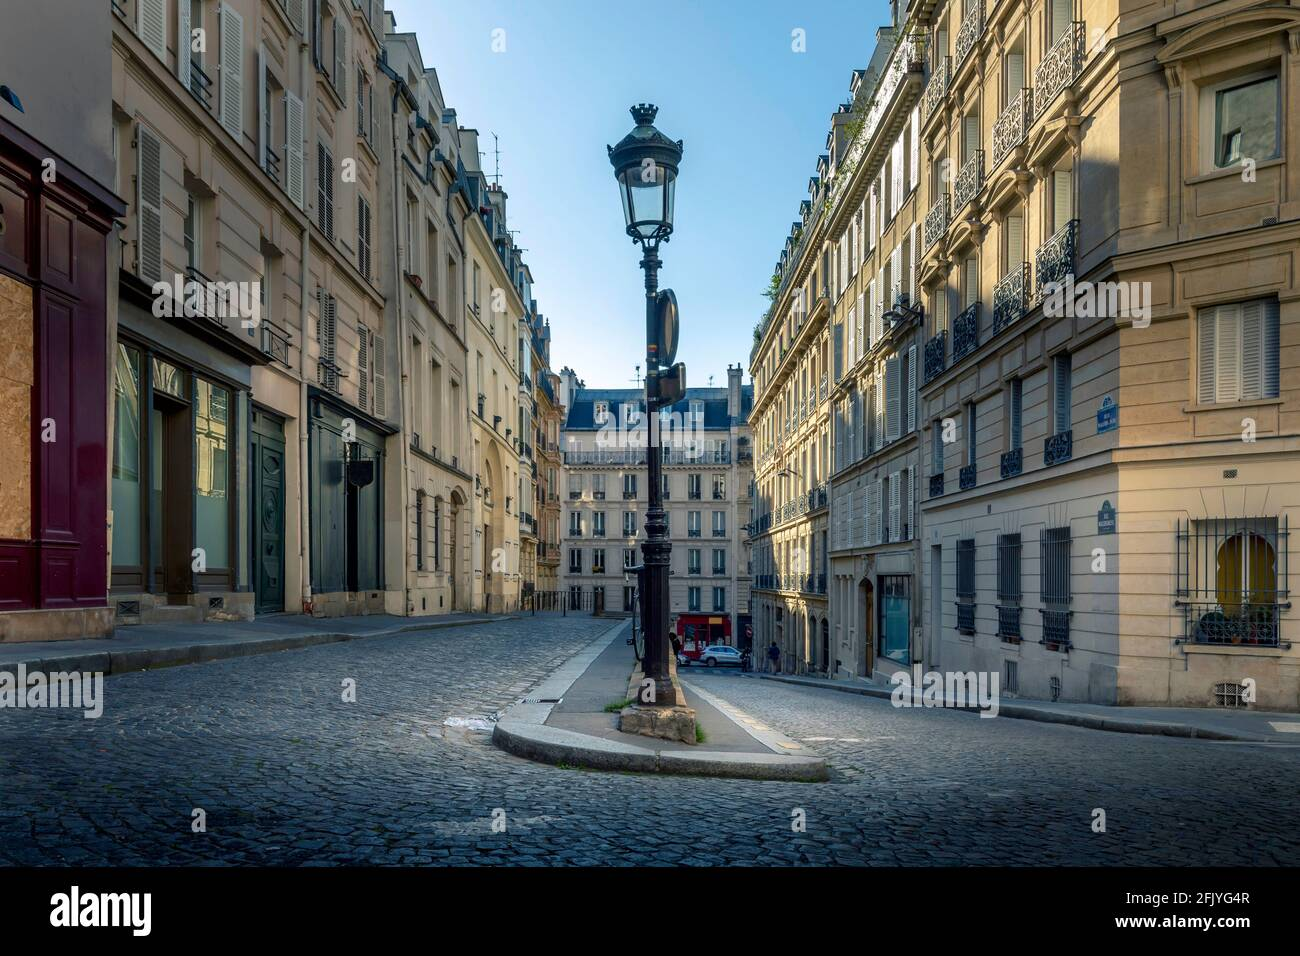 Paris, France - 26 avril 2021 : une rue pavée typique de Paris Banque D'Images